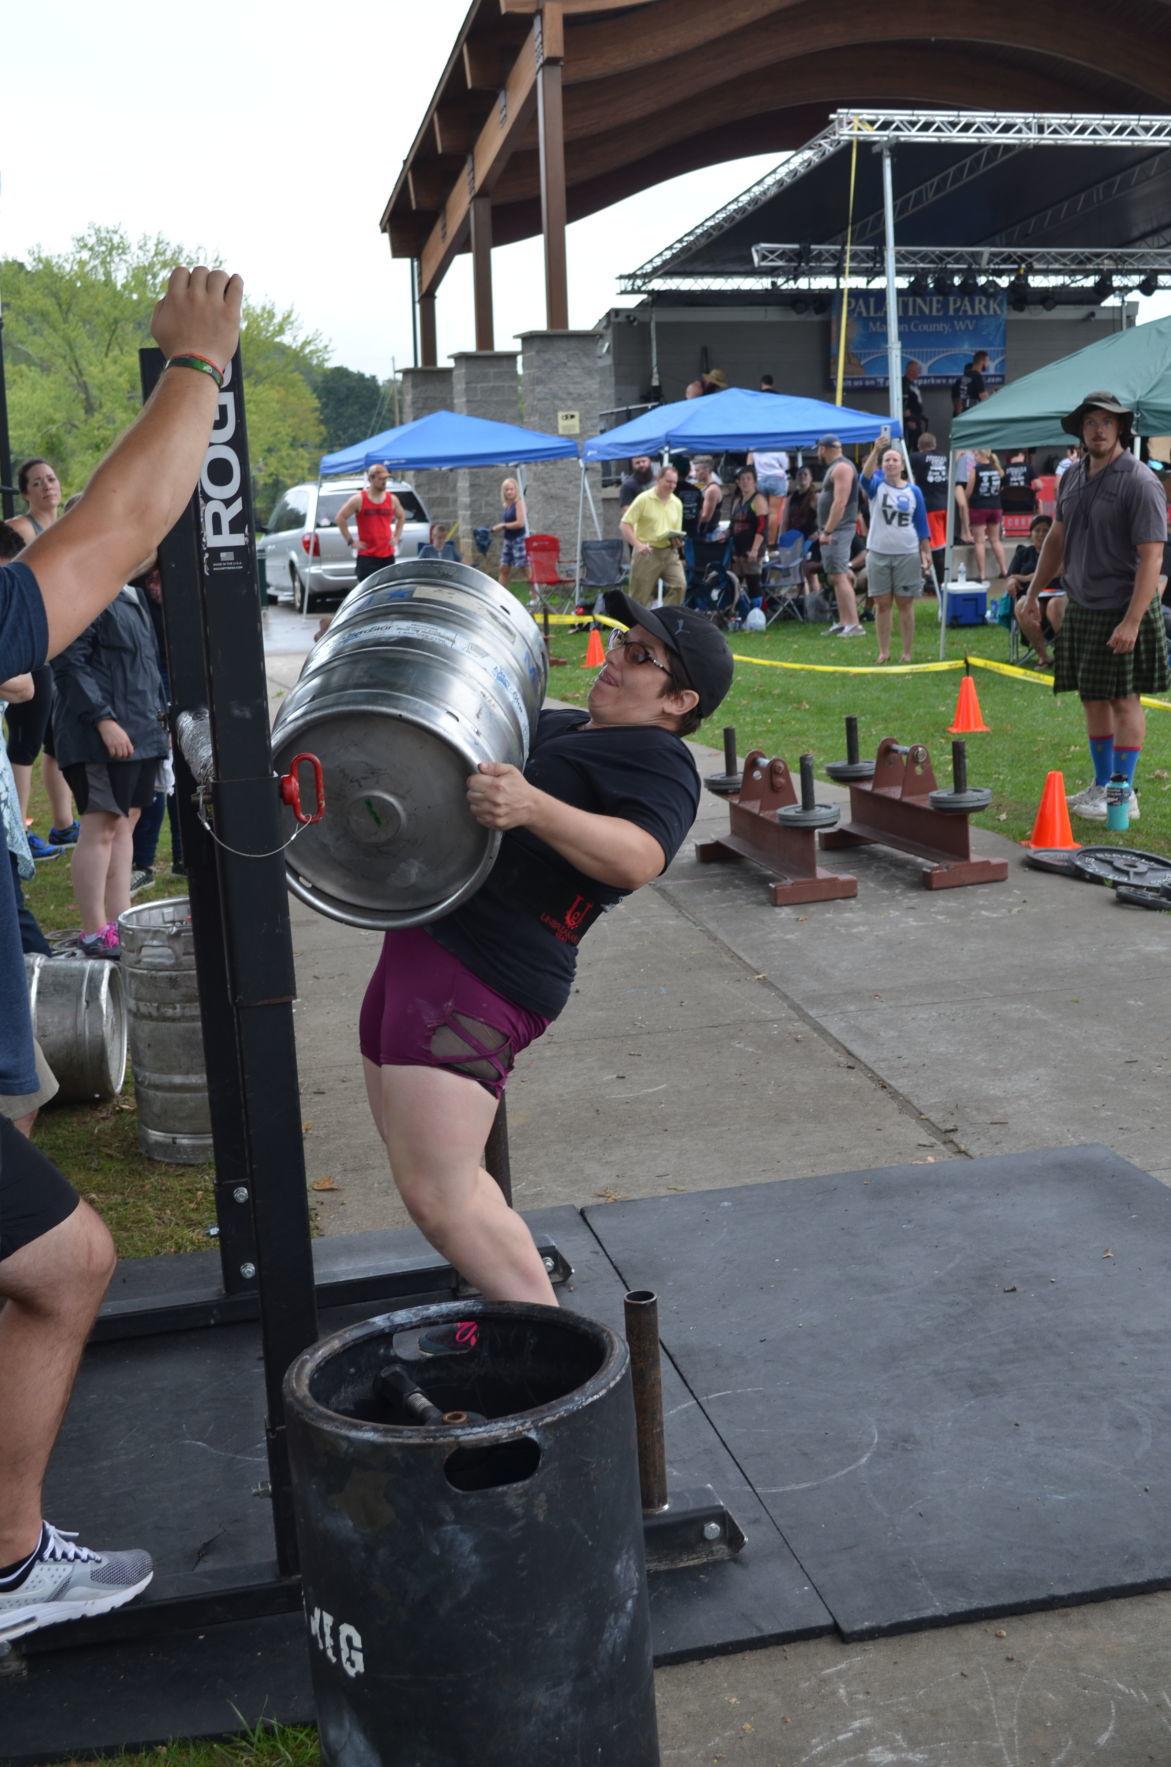 America's Strongest Viking - Keg lift